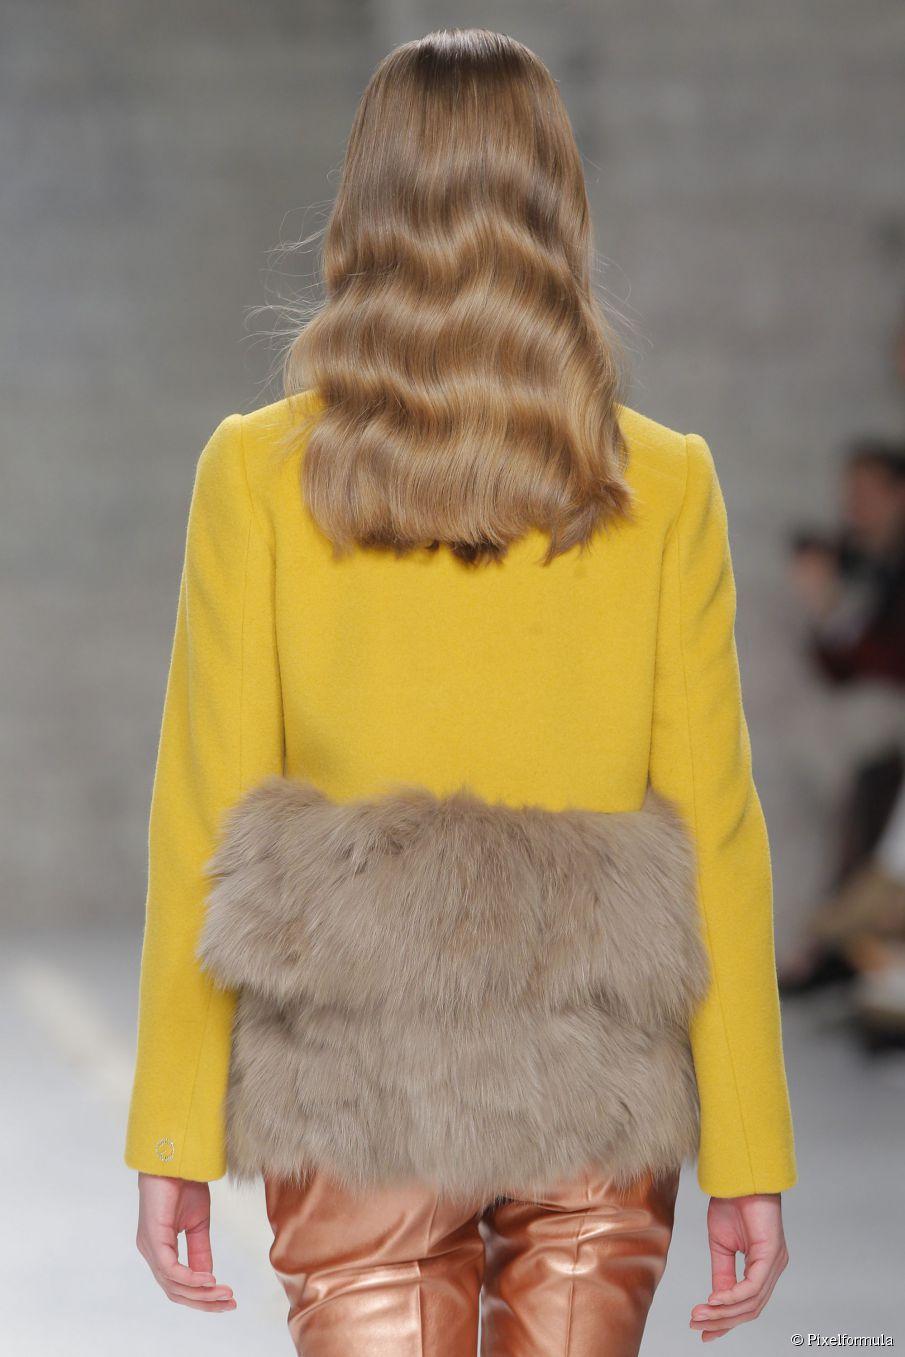 Midweek-Muntermacher: 15 glamouröse wellenförmige Frisuren, die Sie inspirieren